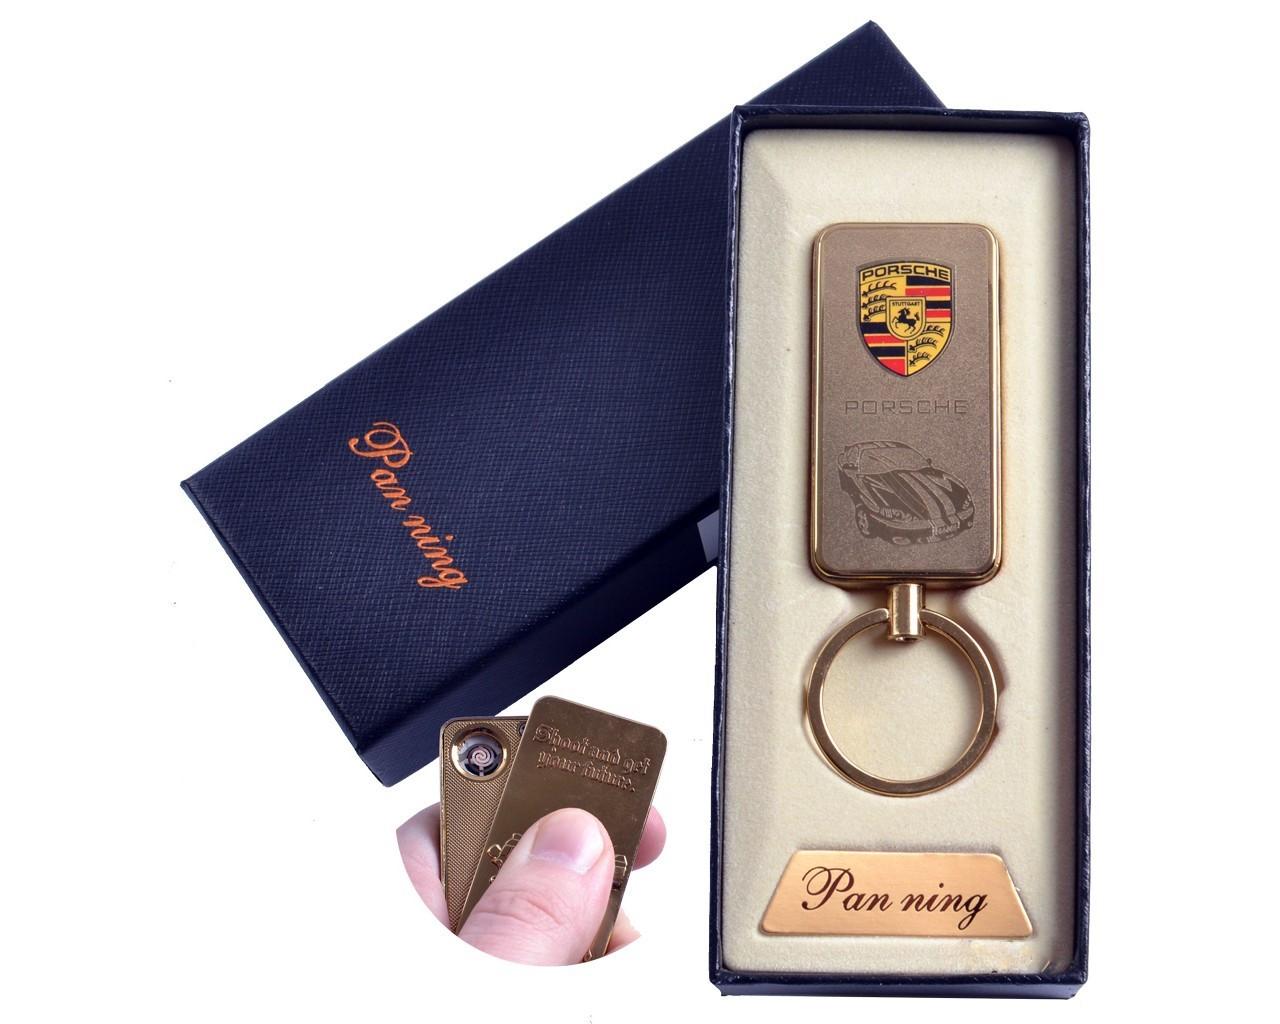 """Спиральная USB зажигалка-брелок """"Porsche"""" №4811-4, брелок и зажигалка, два в одном, полезный девайс"""